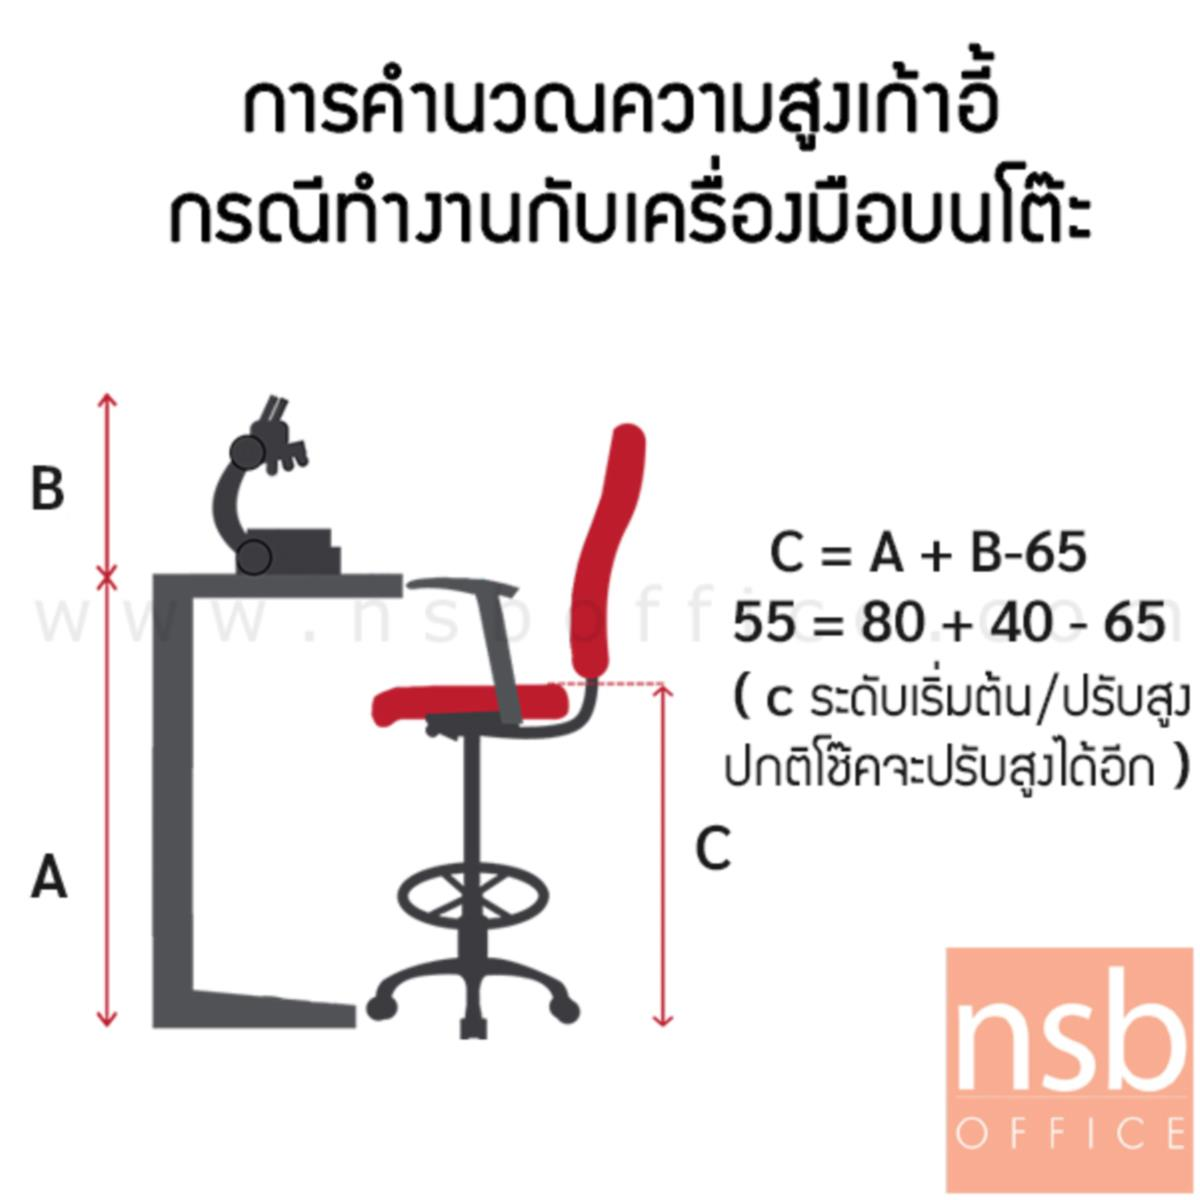 เก้าอี้บาร์ รุ่น Bexhill (เบกซ์ฮิลล์) ขนาด 46W cm. โช๊คแก๊ส มีวงเหยียบ